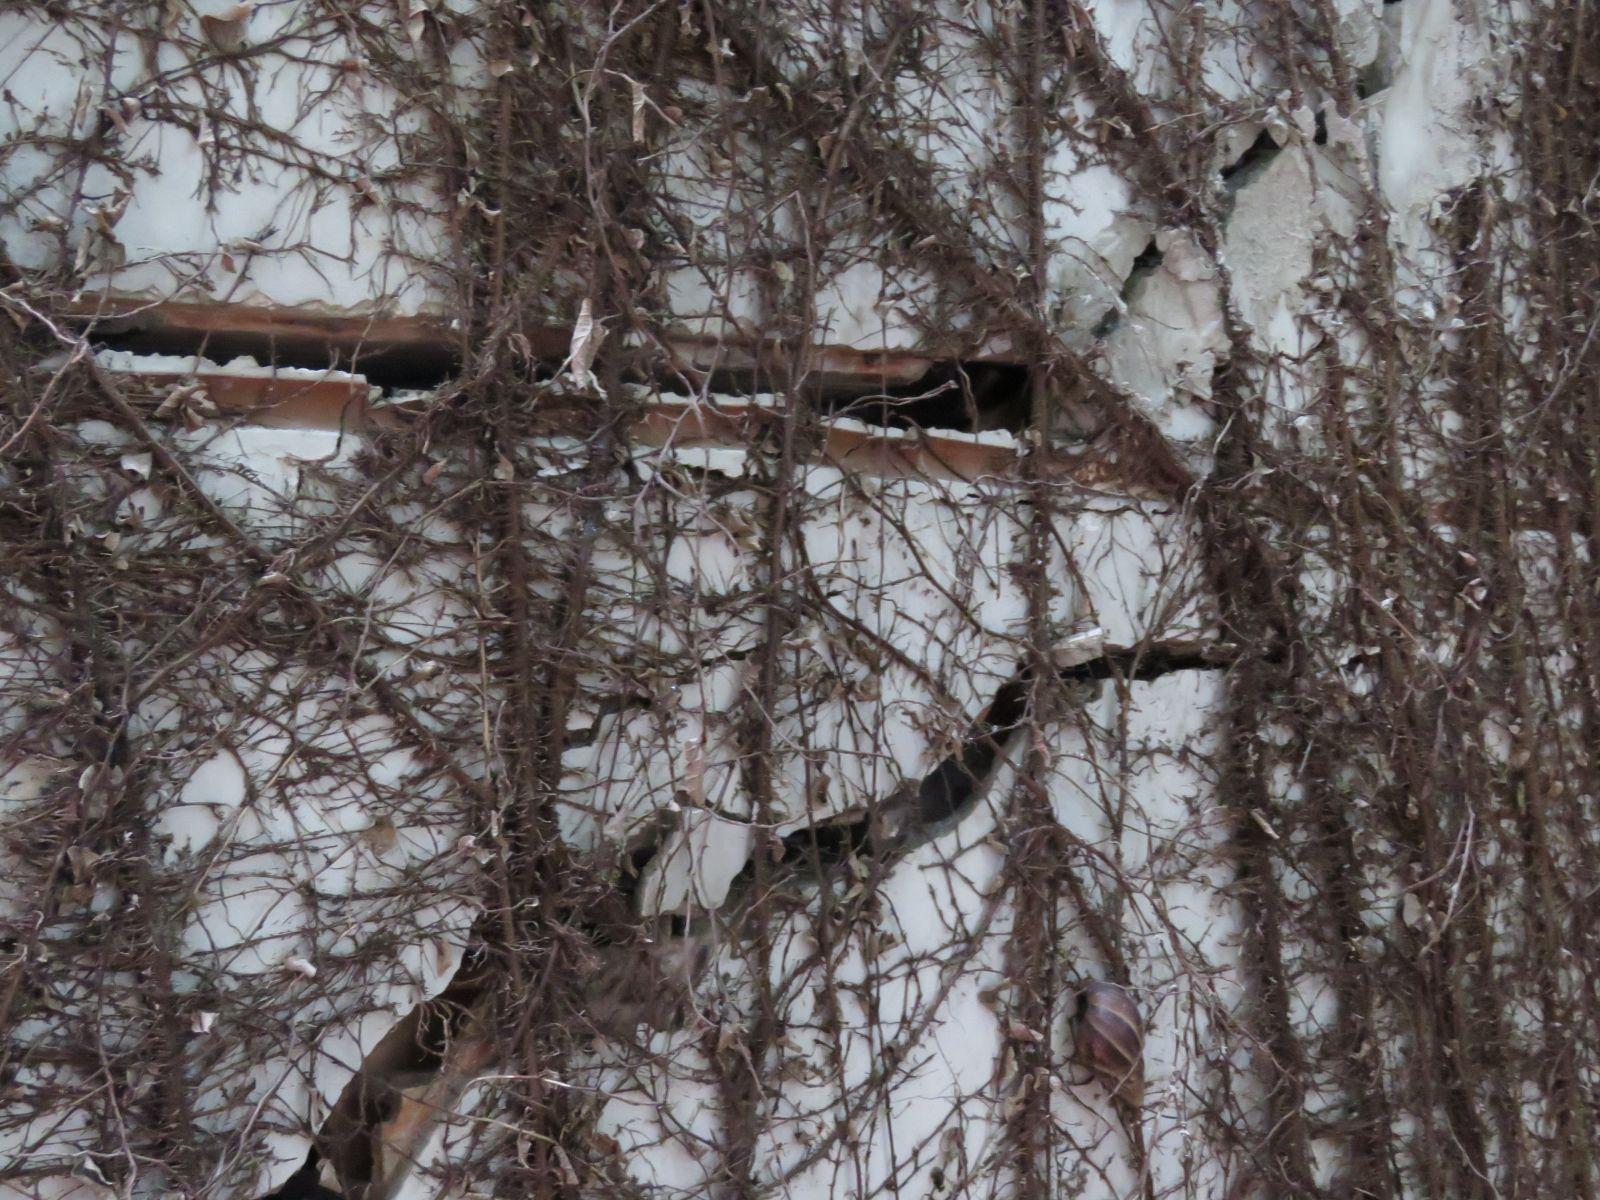 Tường ban công trước khu nhà, cây xanh chết do không còn chỗ bám.